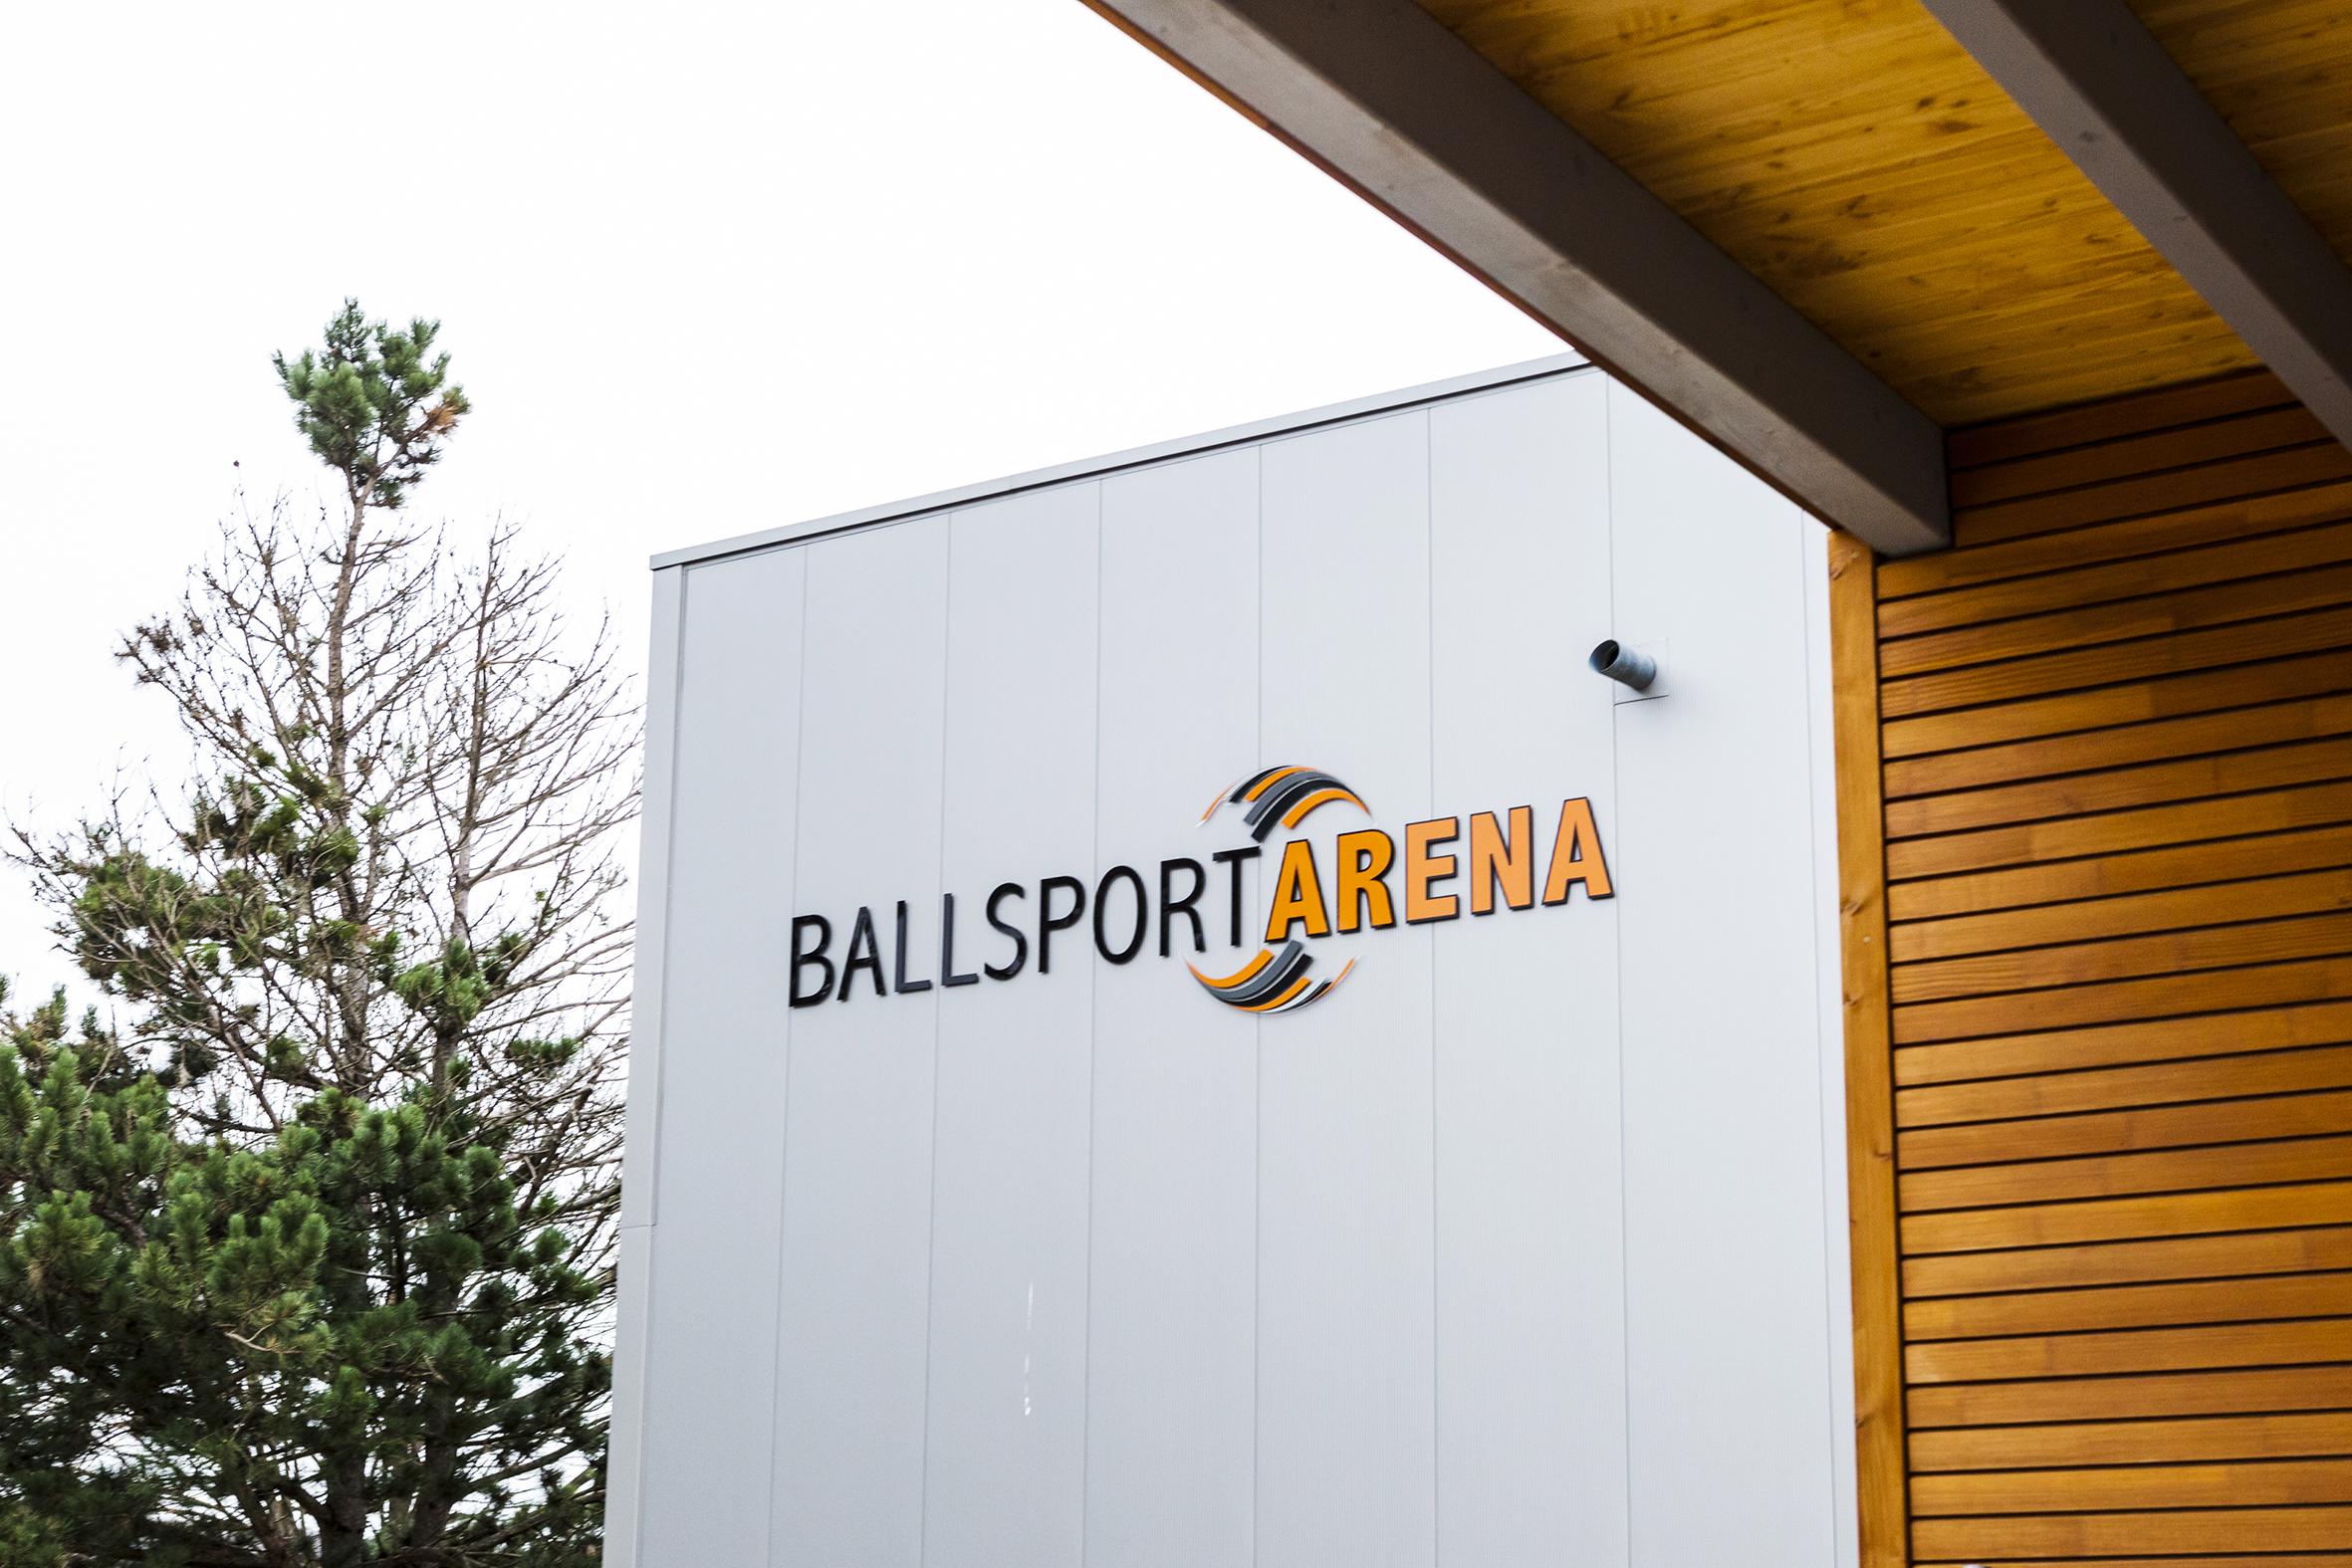 Die Außenansicht der Ballsportarena